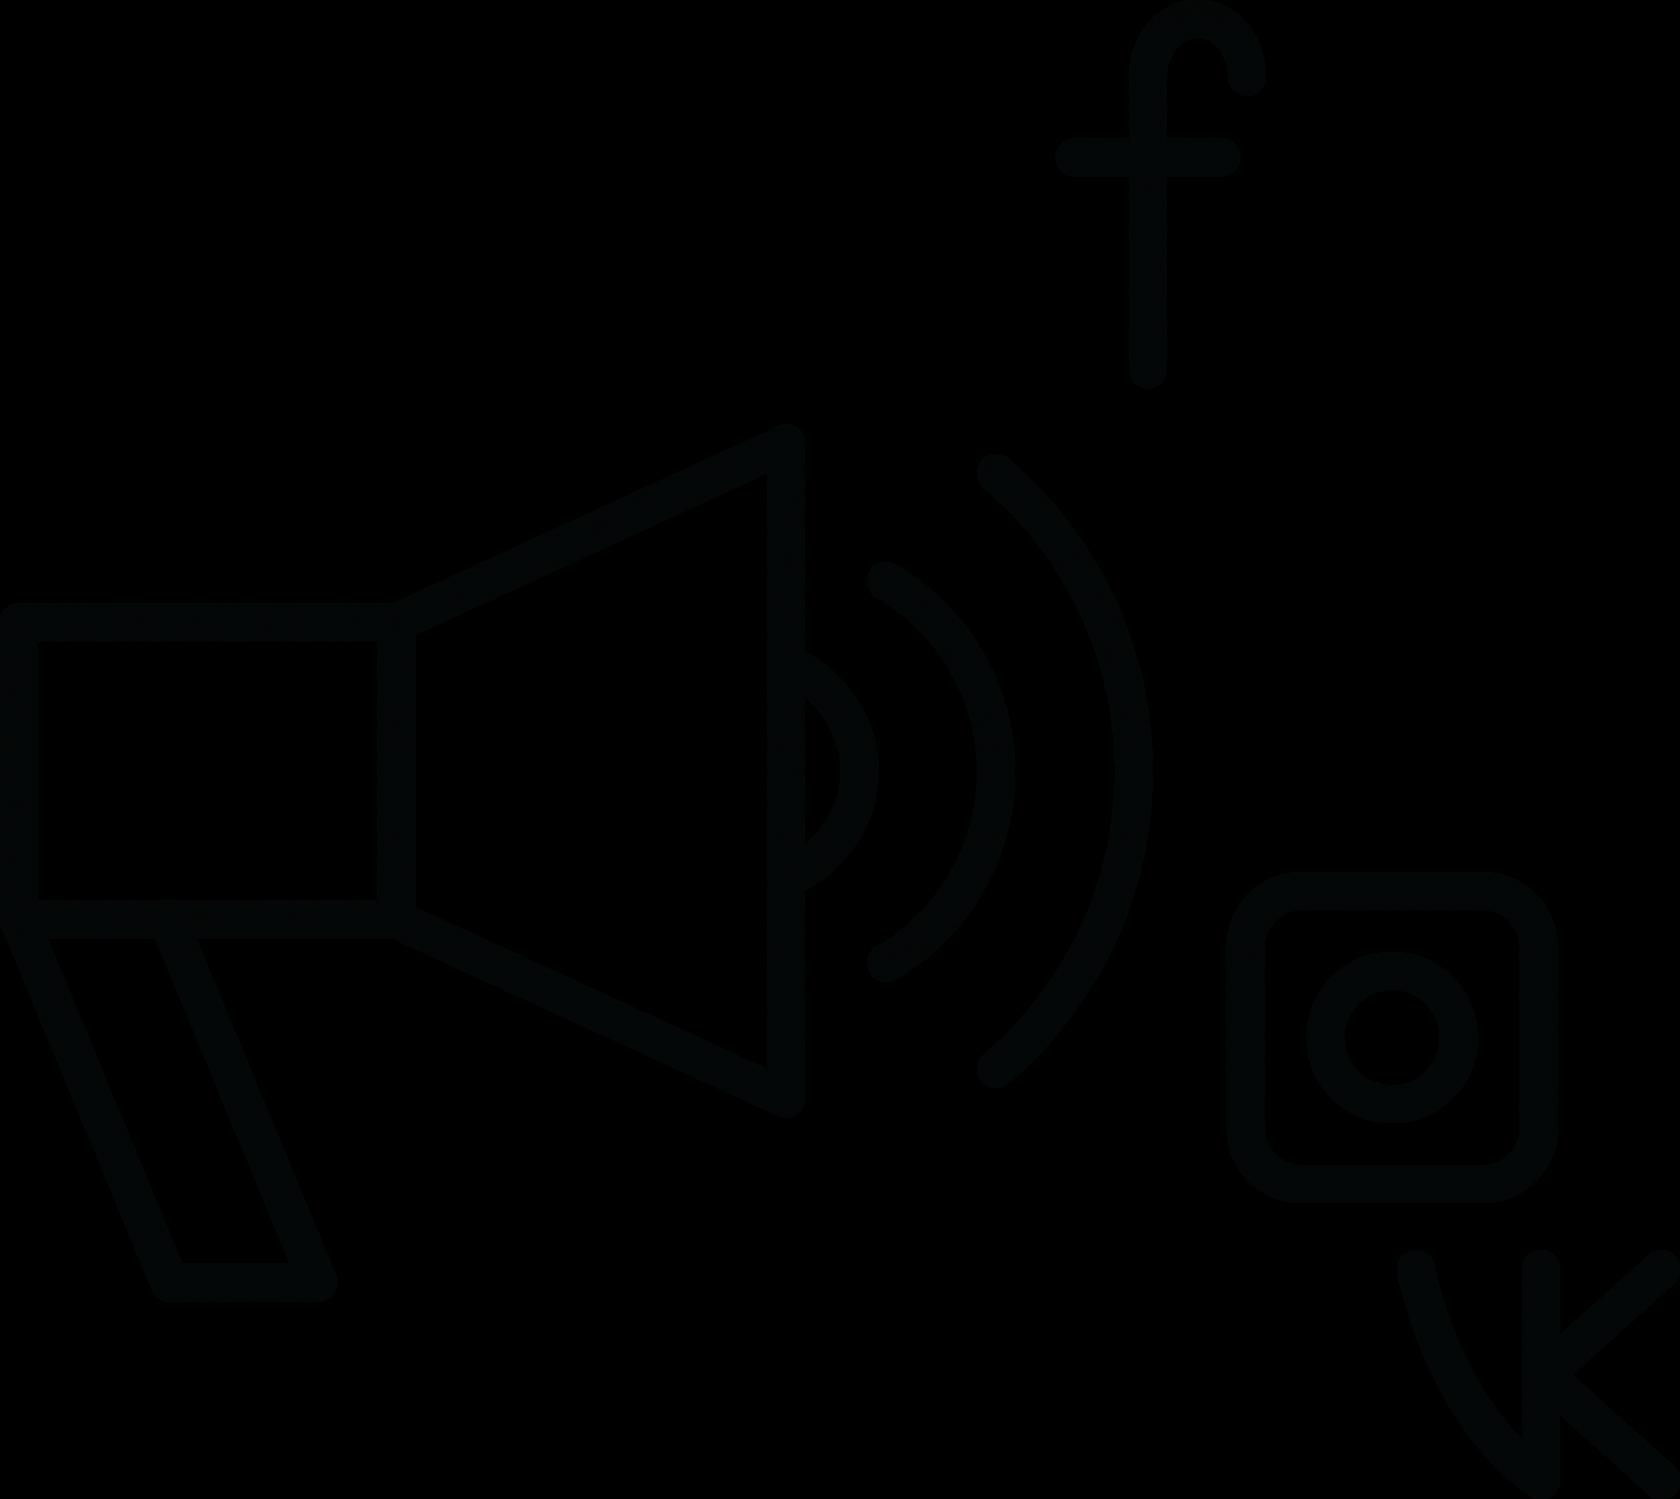 bd28ff3befbb Продвижение в социальных сетях (СММ) бизнеса товаров и услуг